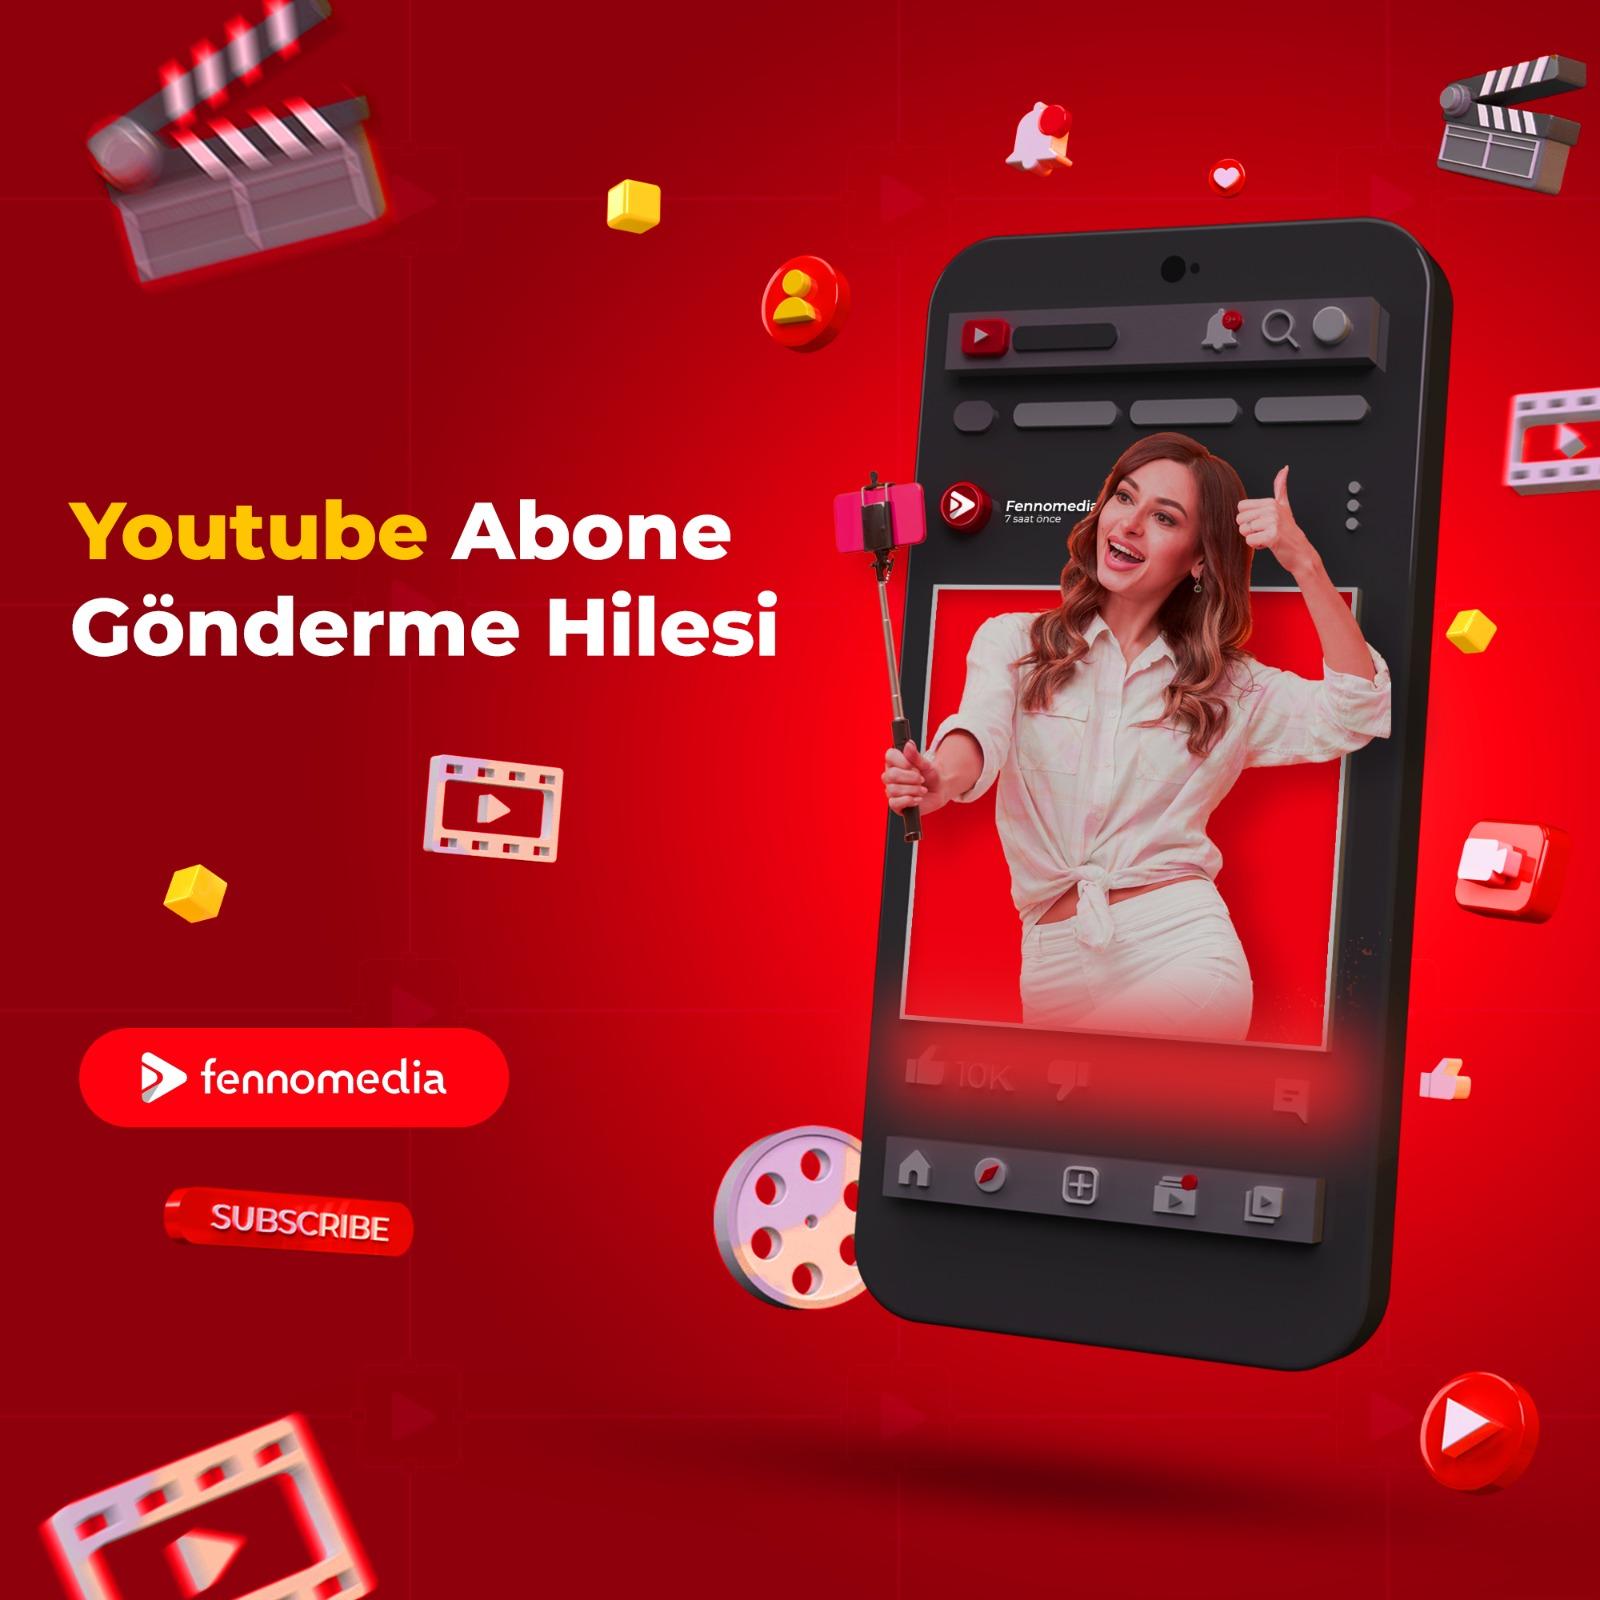 Youtube abone gönderme hilesi